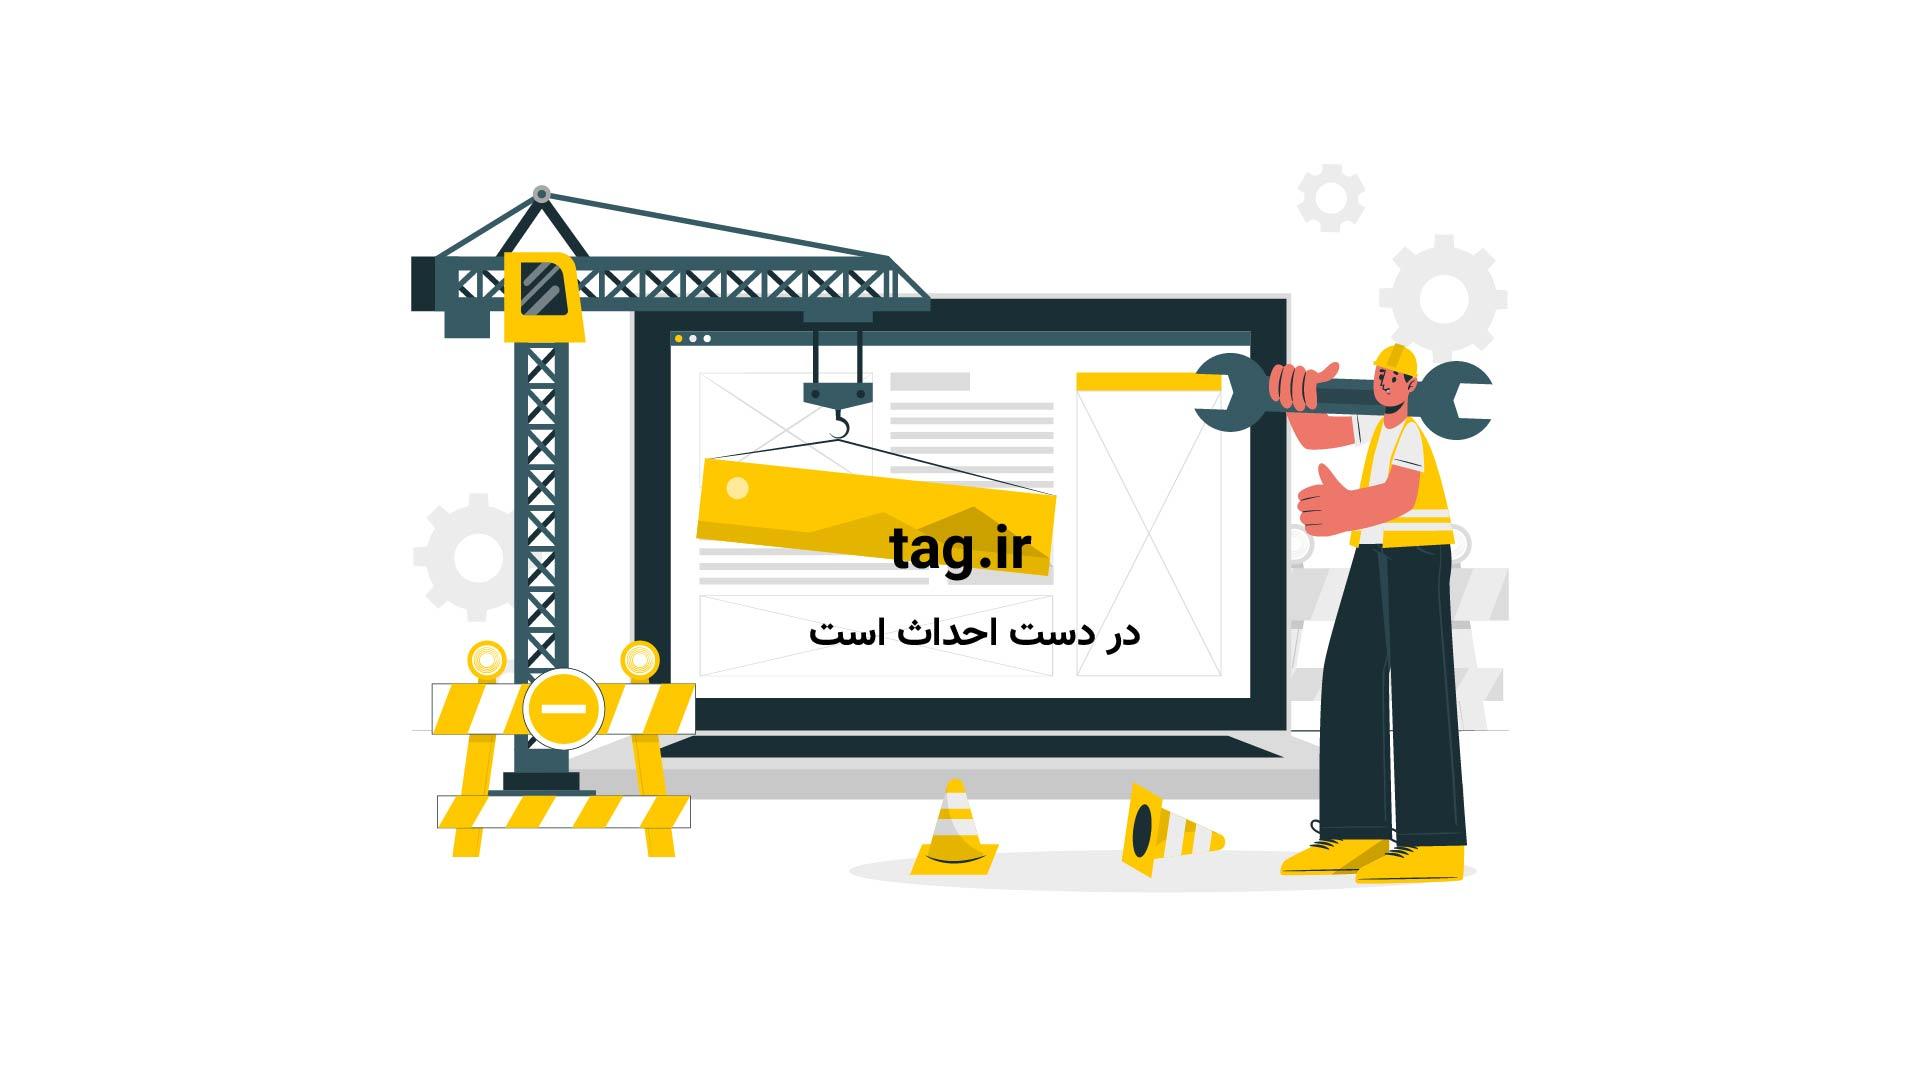 حمله تروریستی به رییس جمهور ونزوئلا | تگ